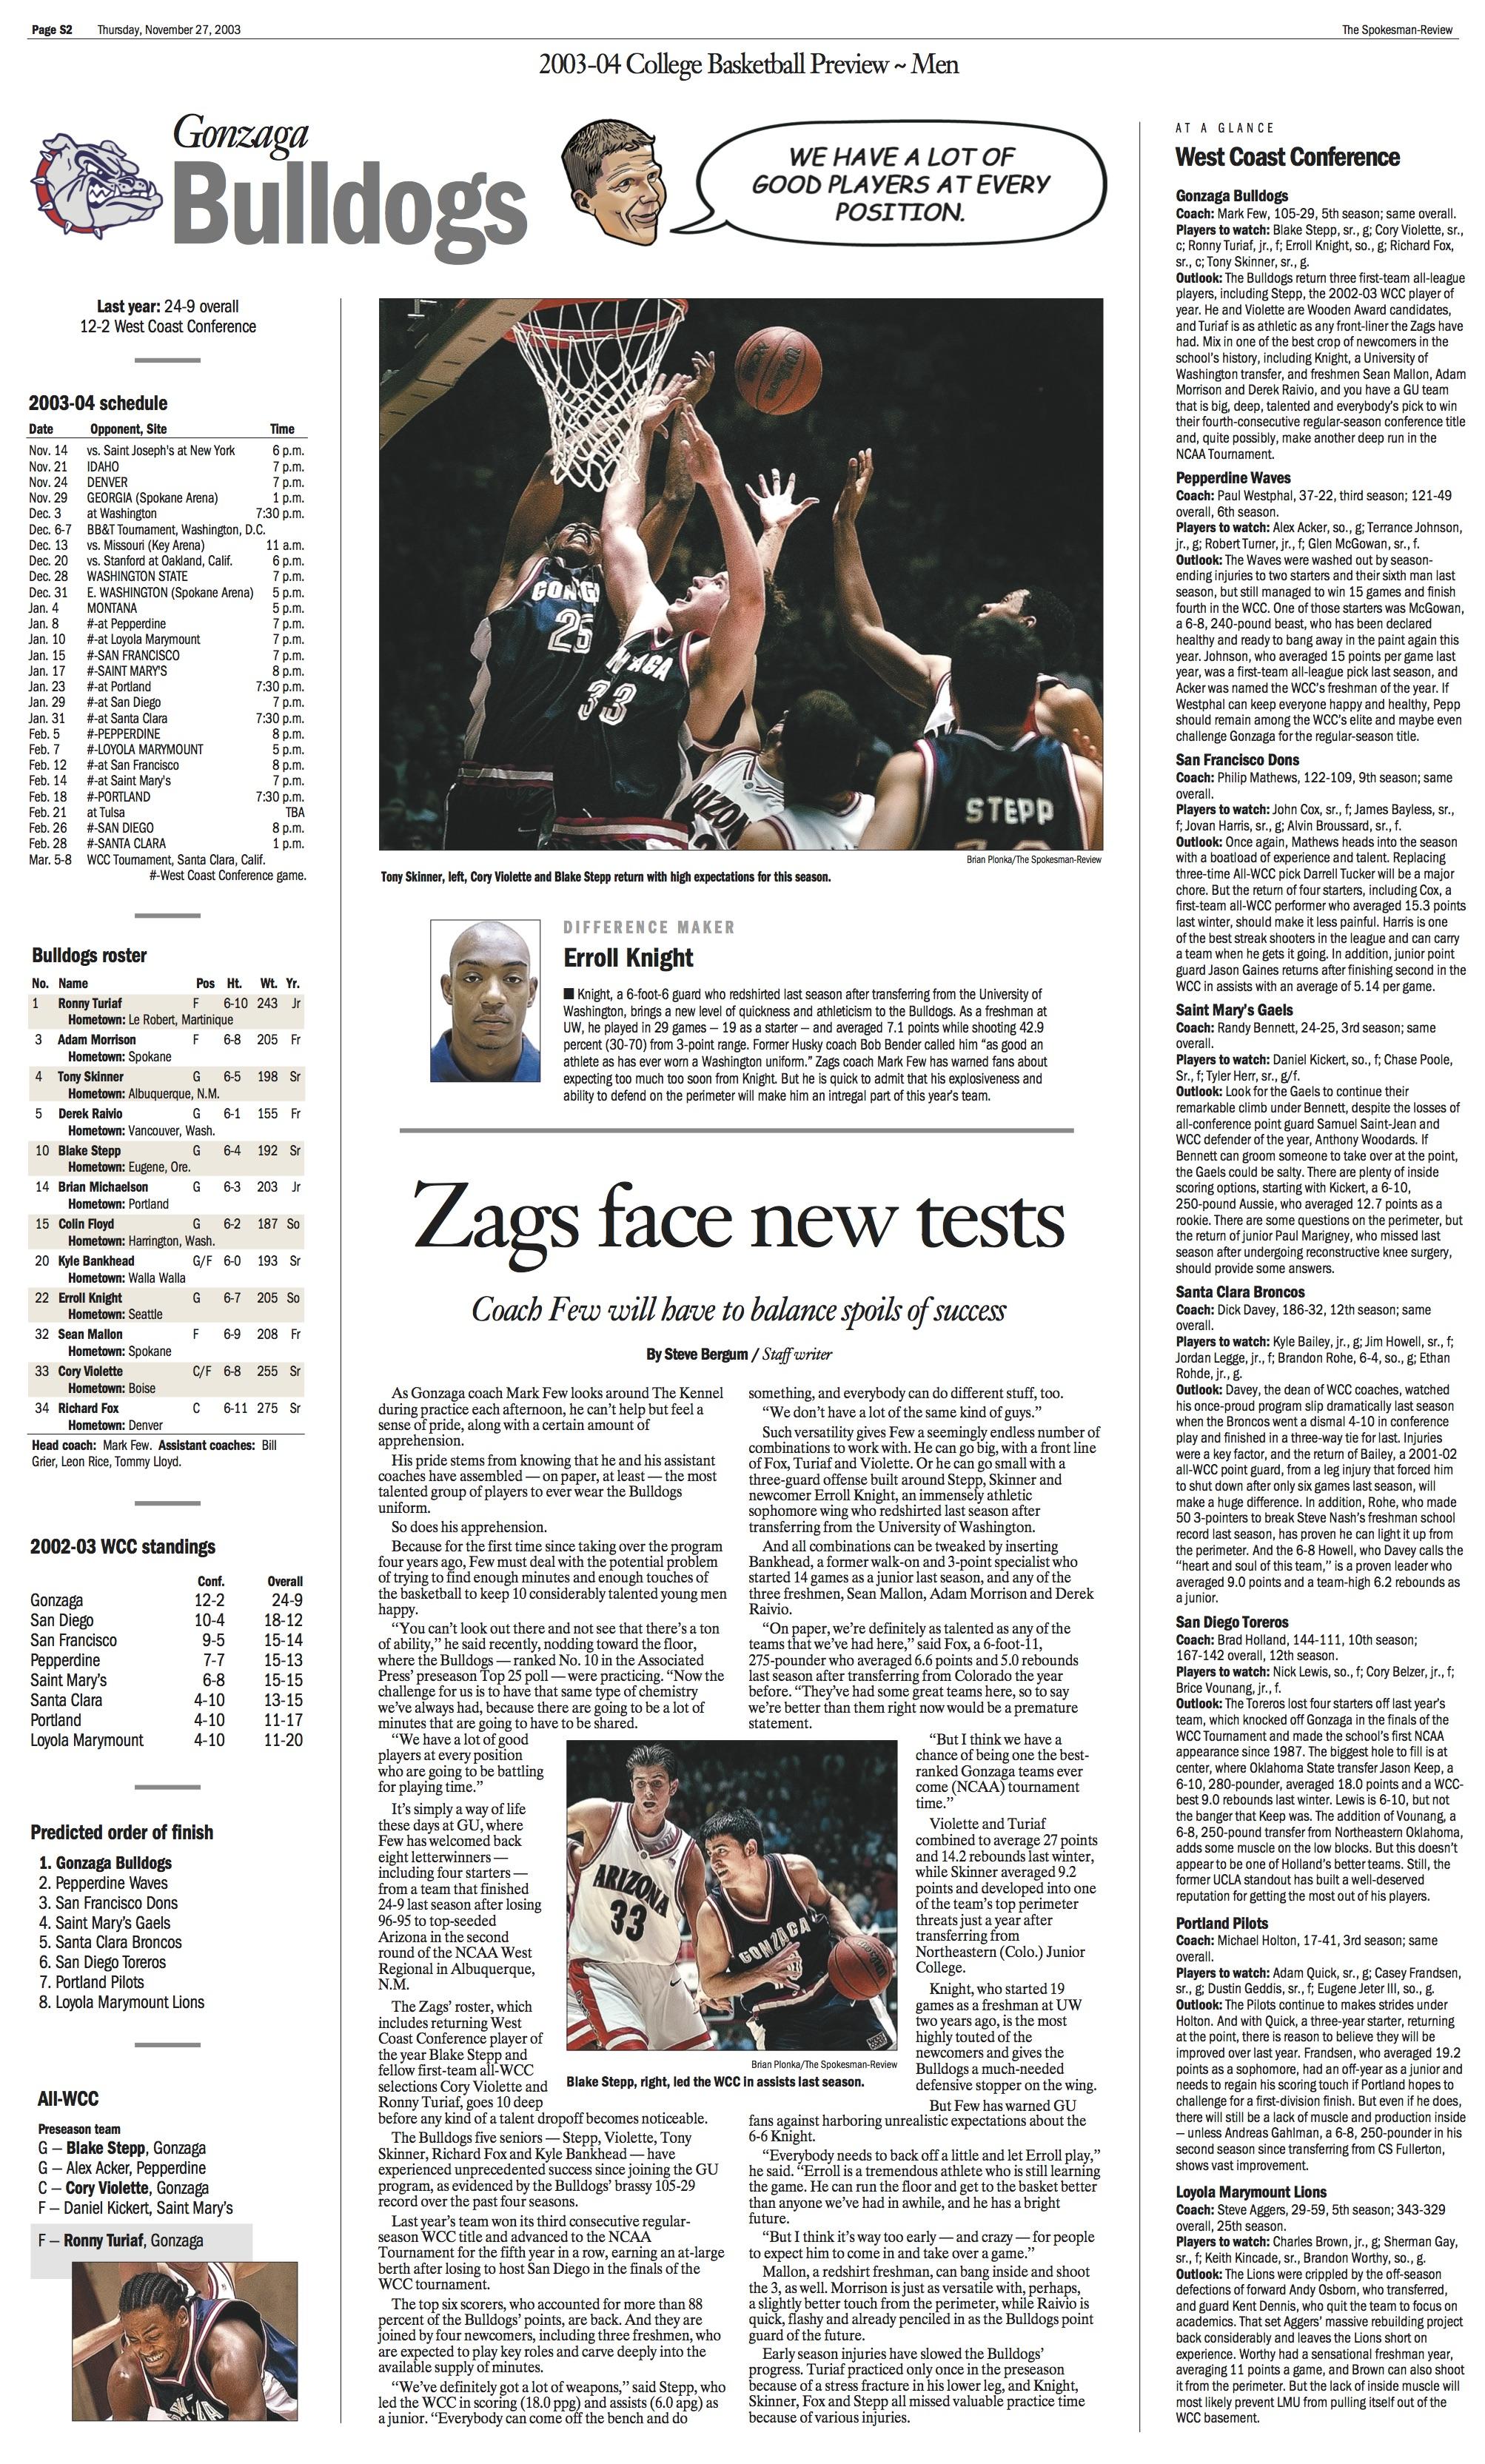 Historic page: Nov. 27, 2003